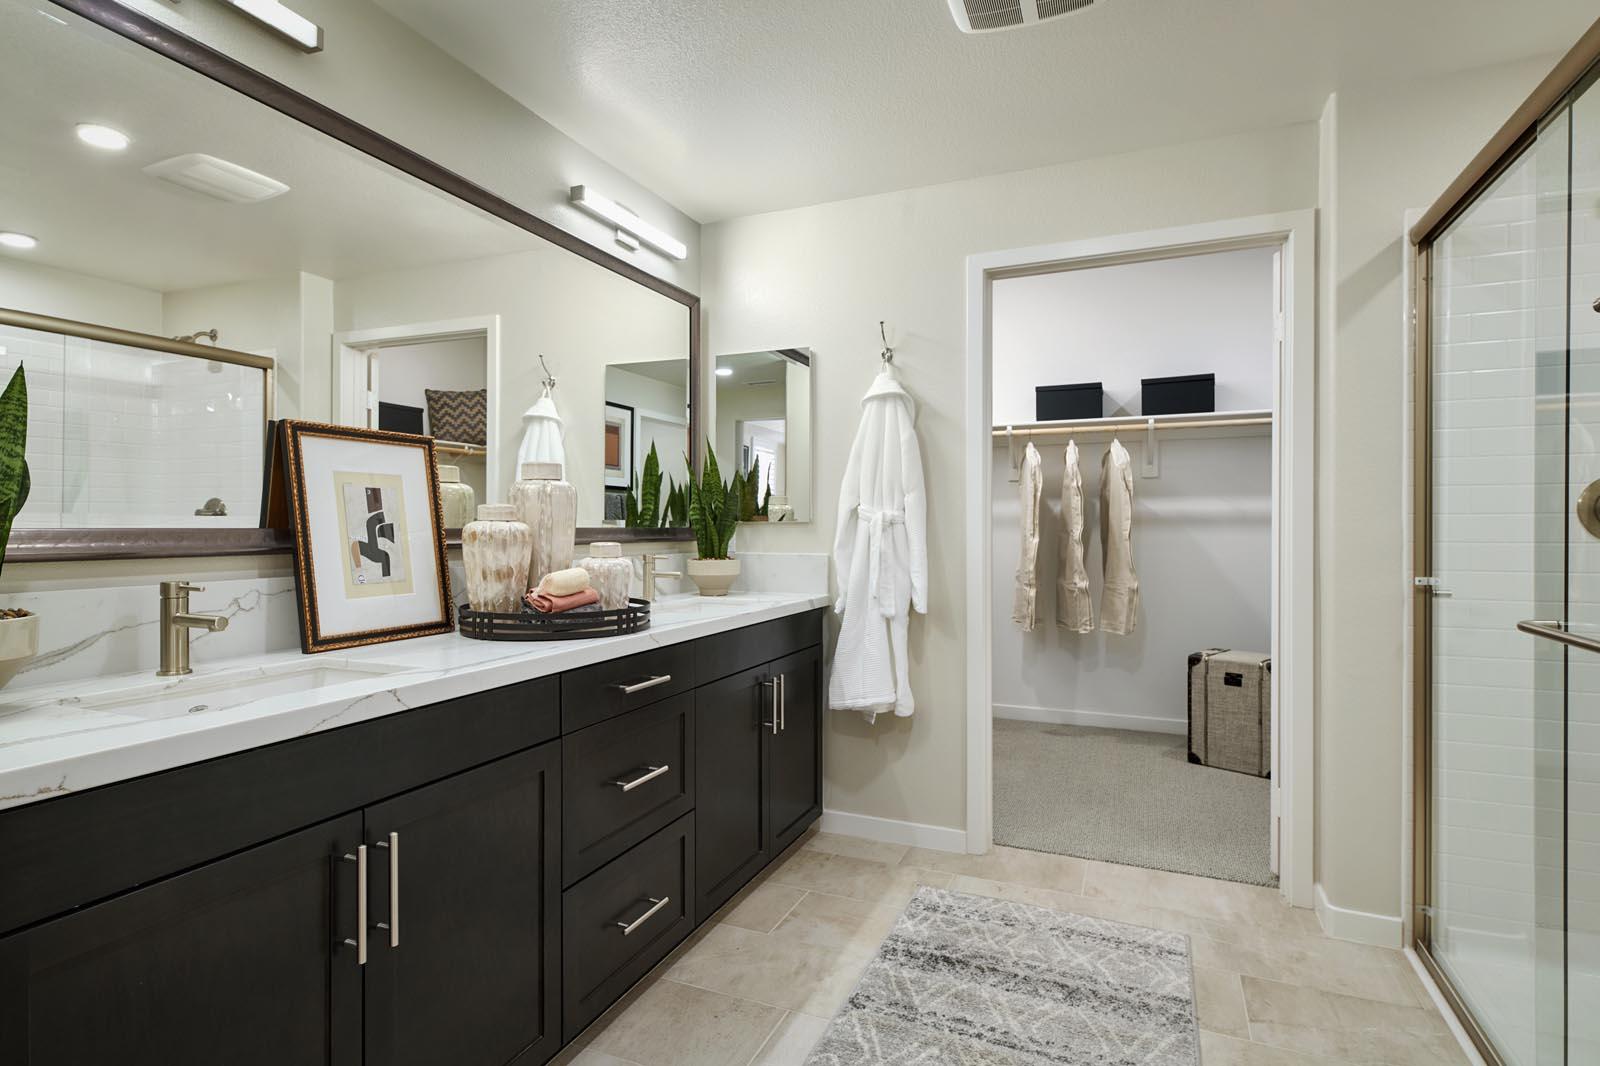 Bathroom   Residence 5   Aspire   New Homes in Rancho Cucamonga, CA   Van Daele Homes